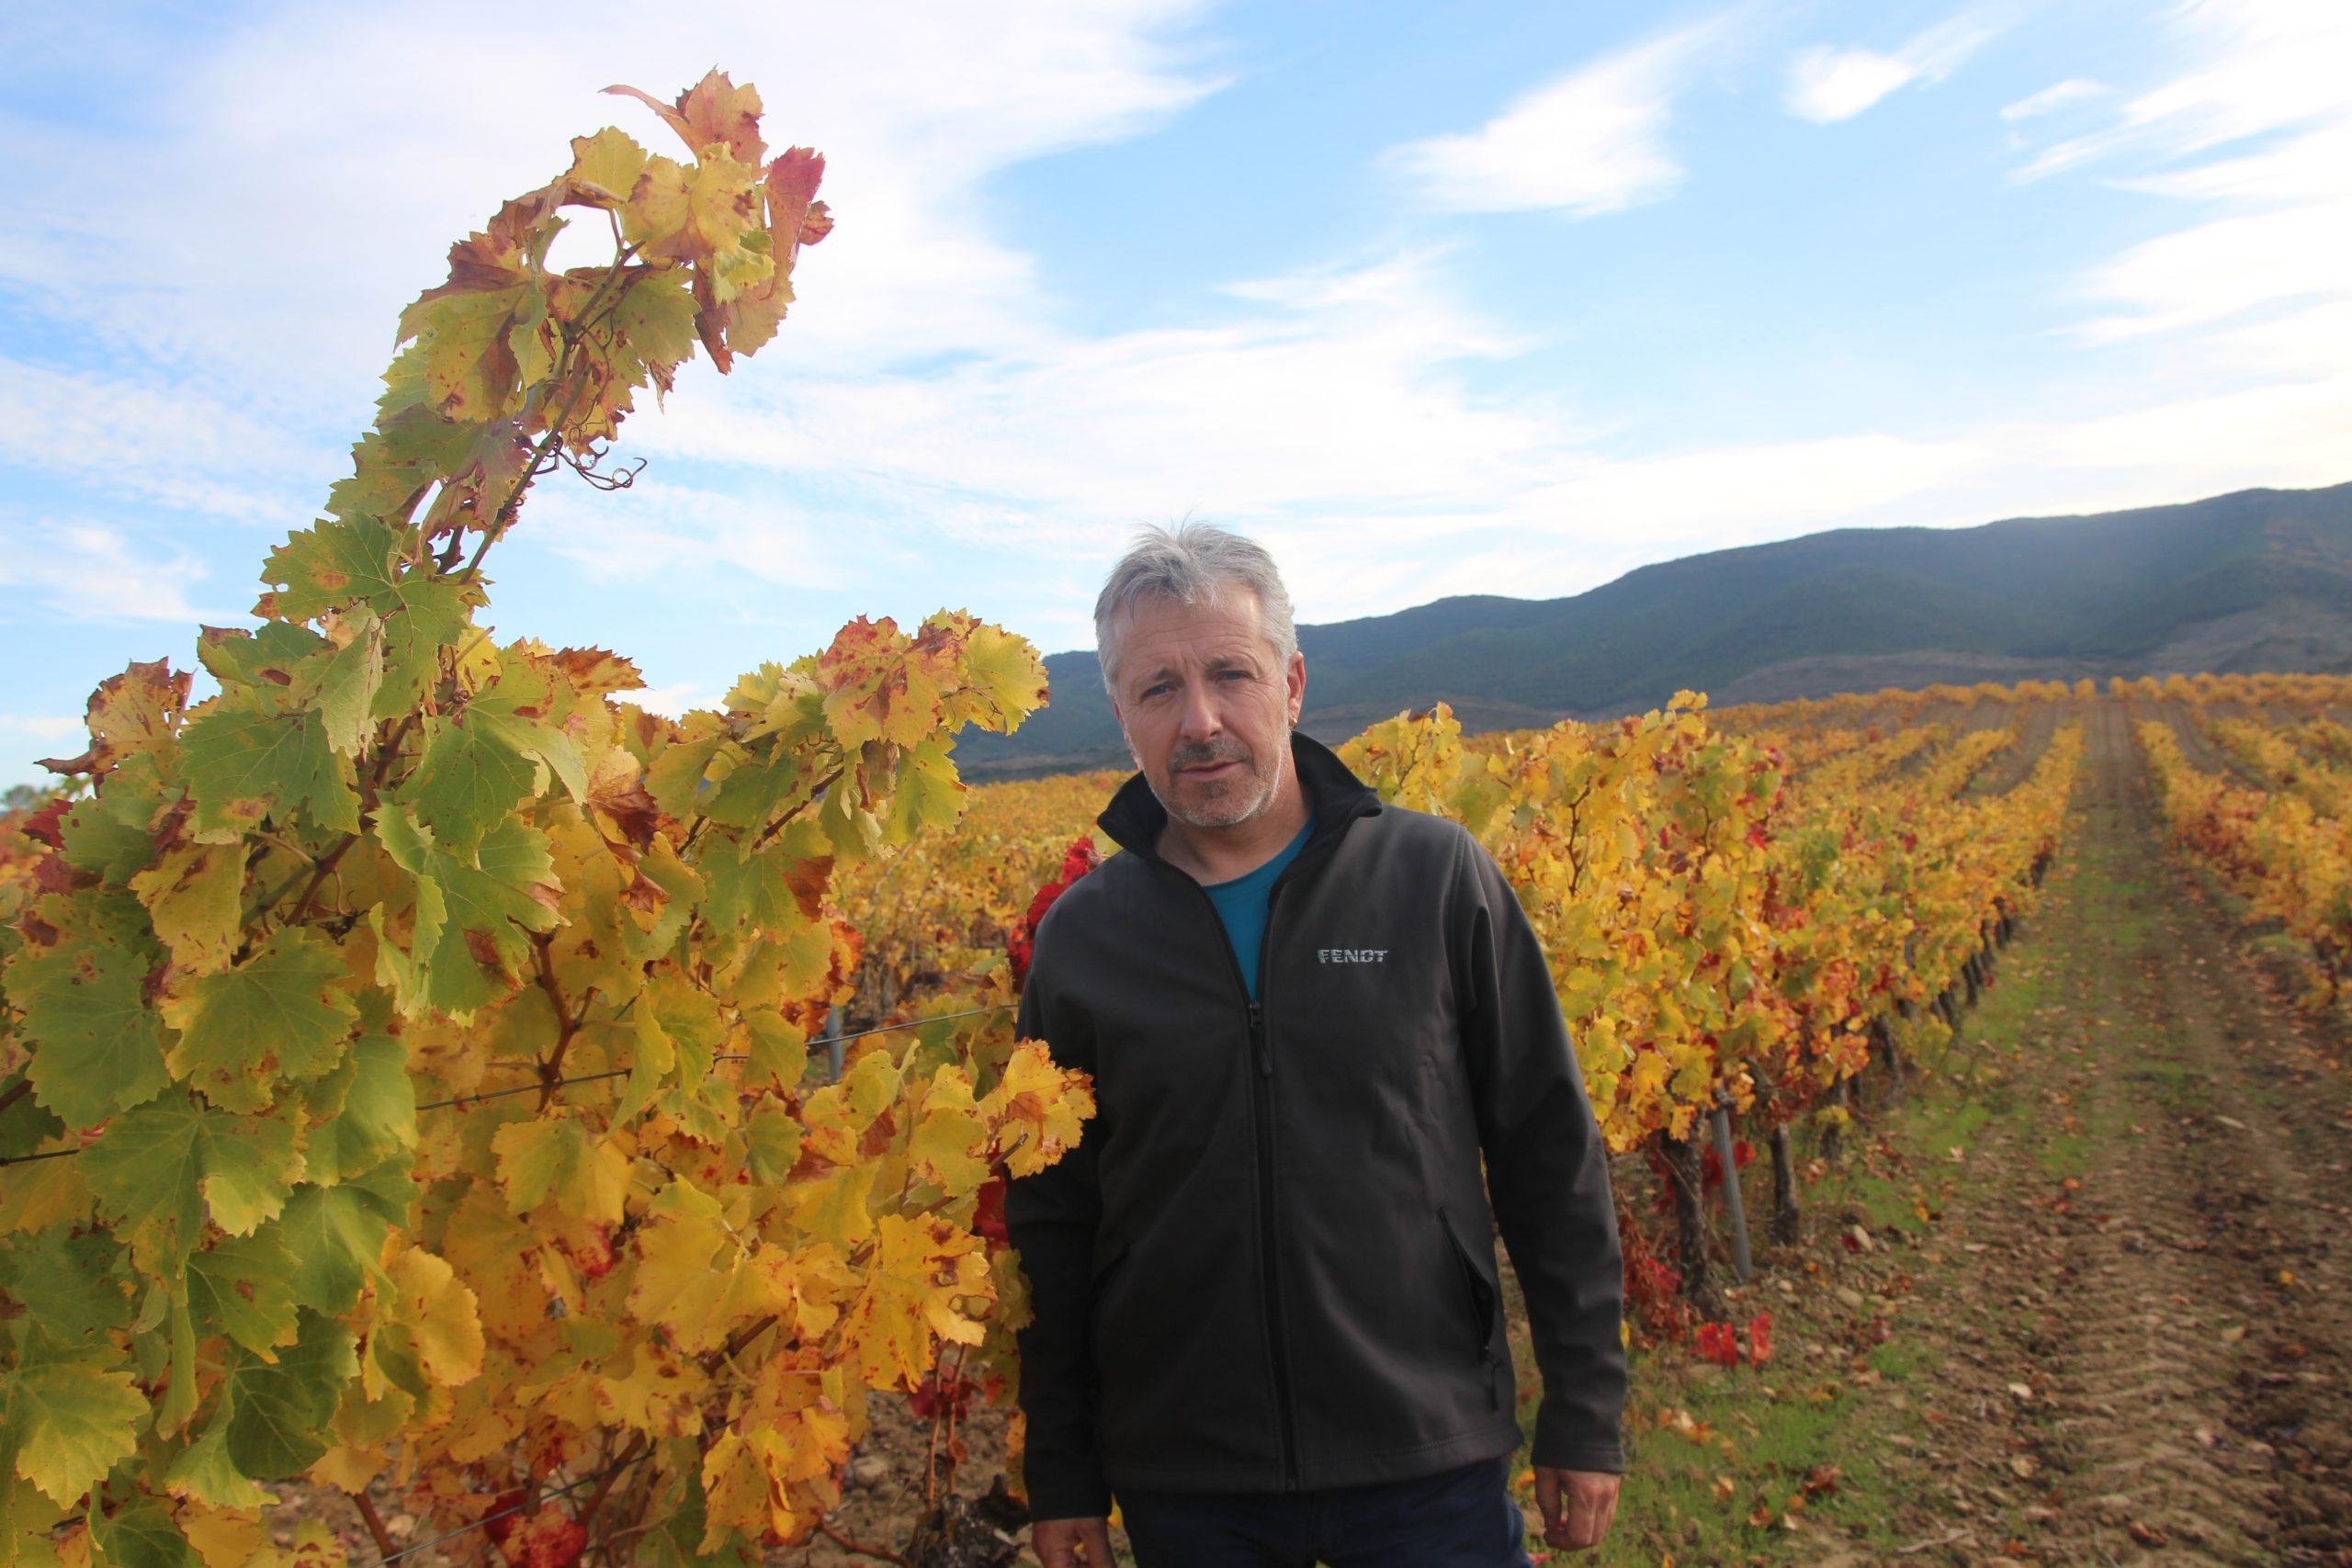 Aprobado del Plan de reestructuración y reconversión del viñedo de 45 viticultores presentado por UAGN, para la campaña 2020-2021